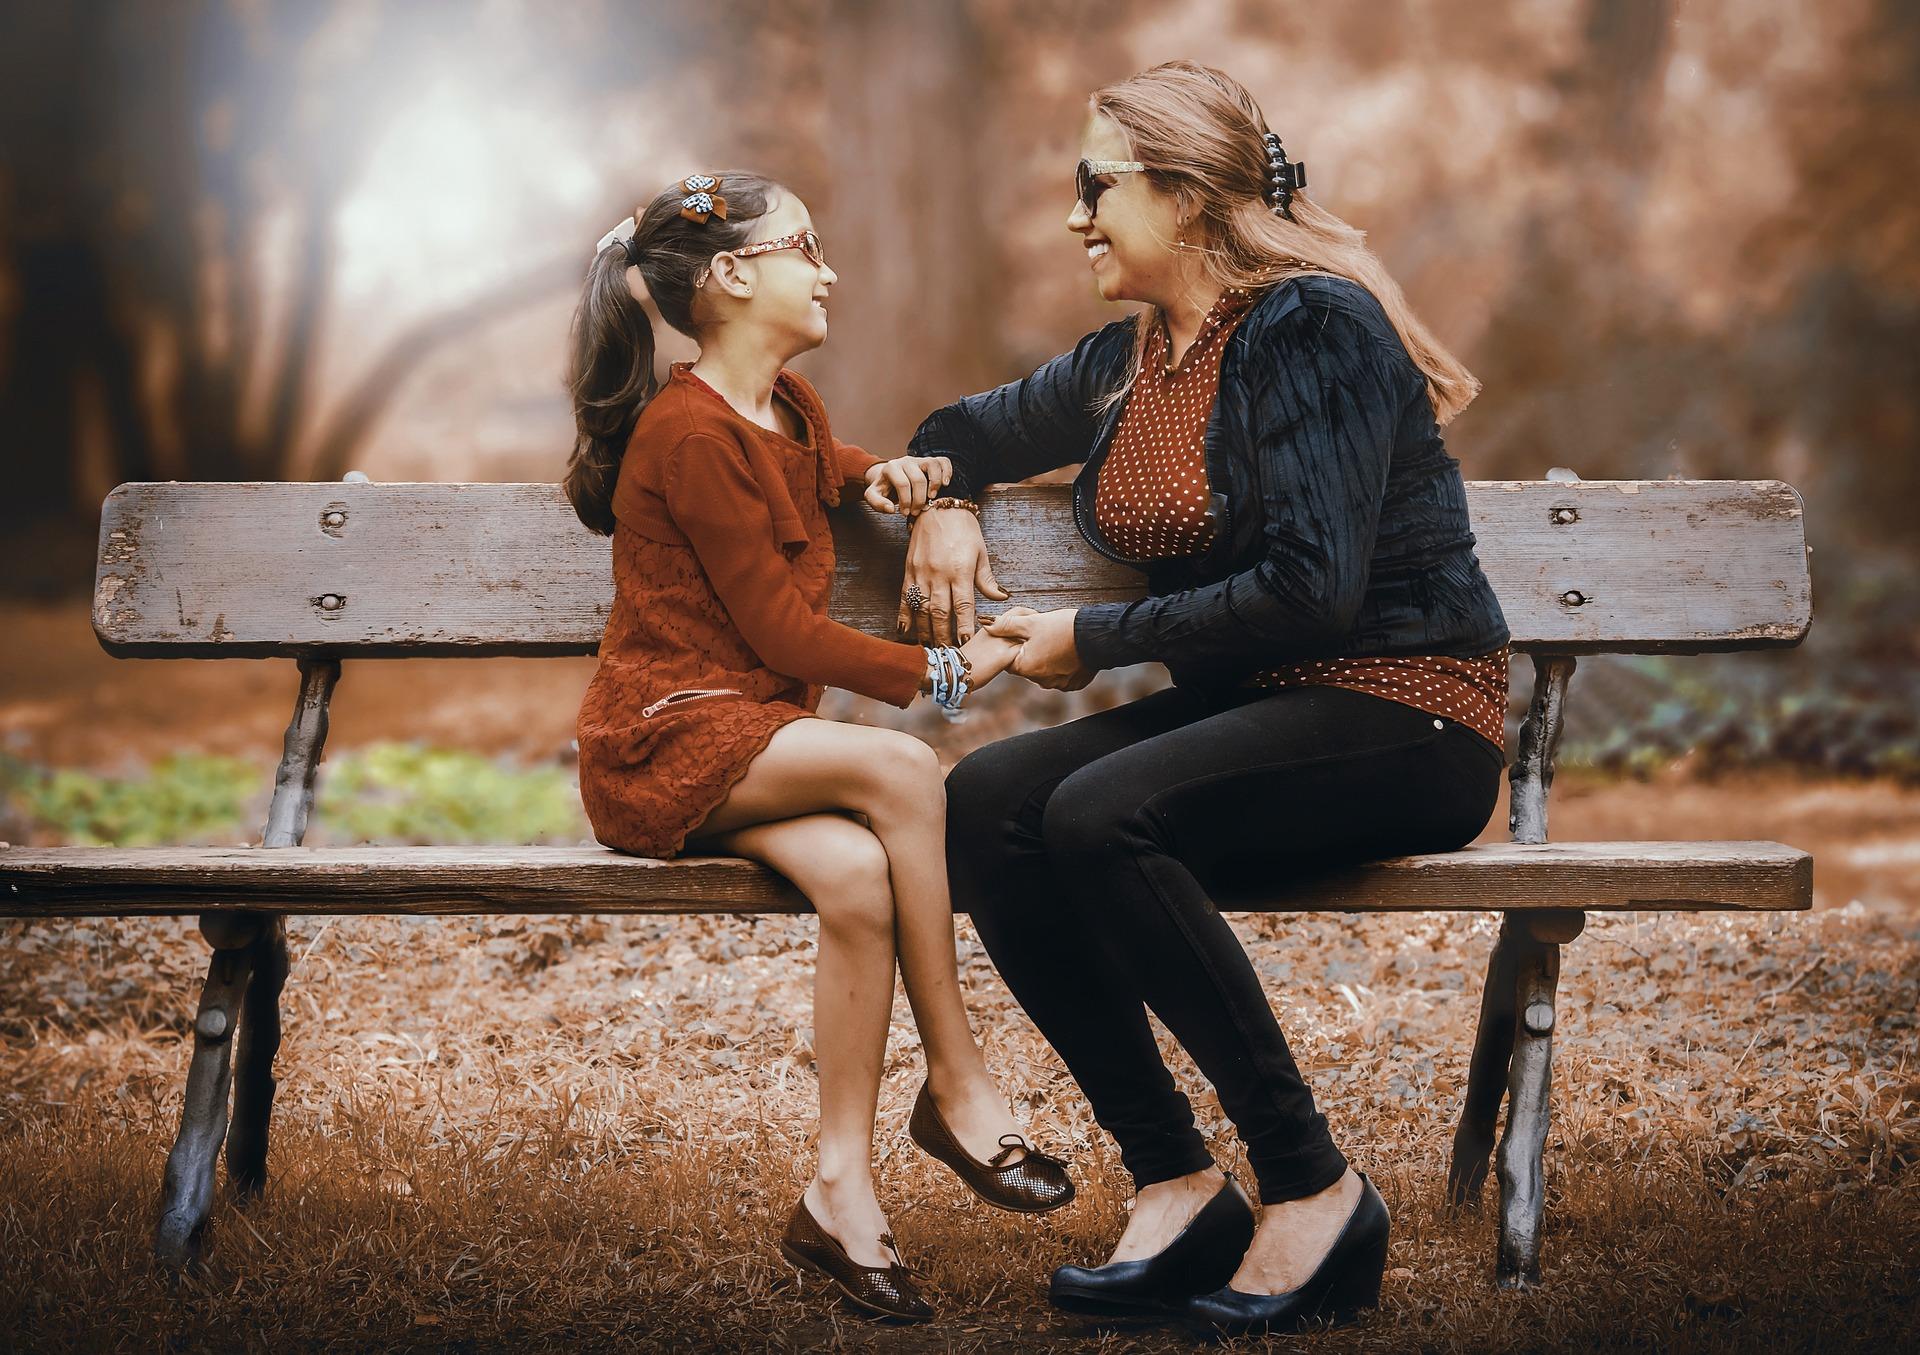 La necesidad de vivienda del hijo no puede depender de la estabilidad sentimental de la madre que convive con su nueva pareja